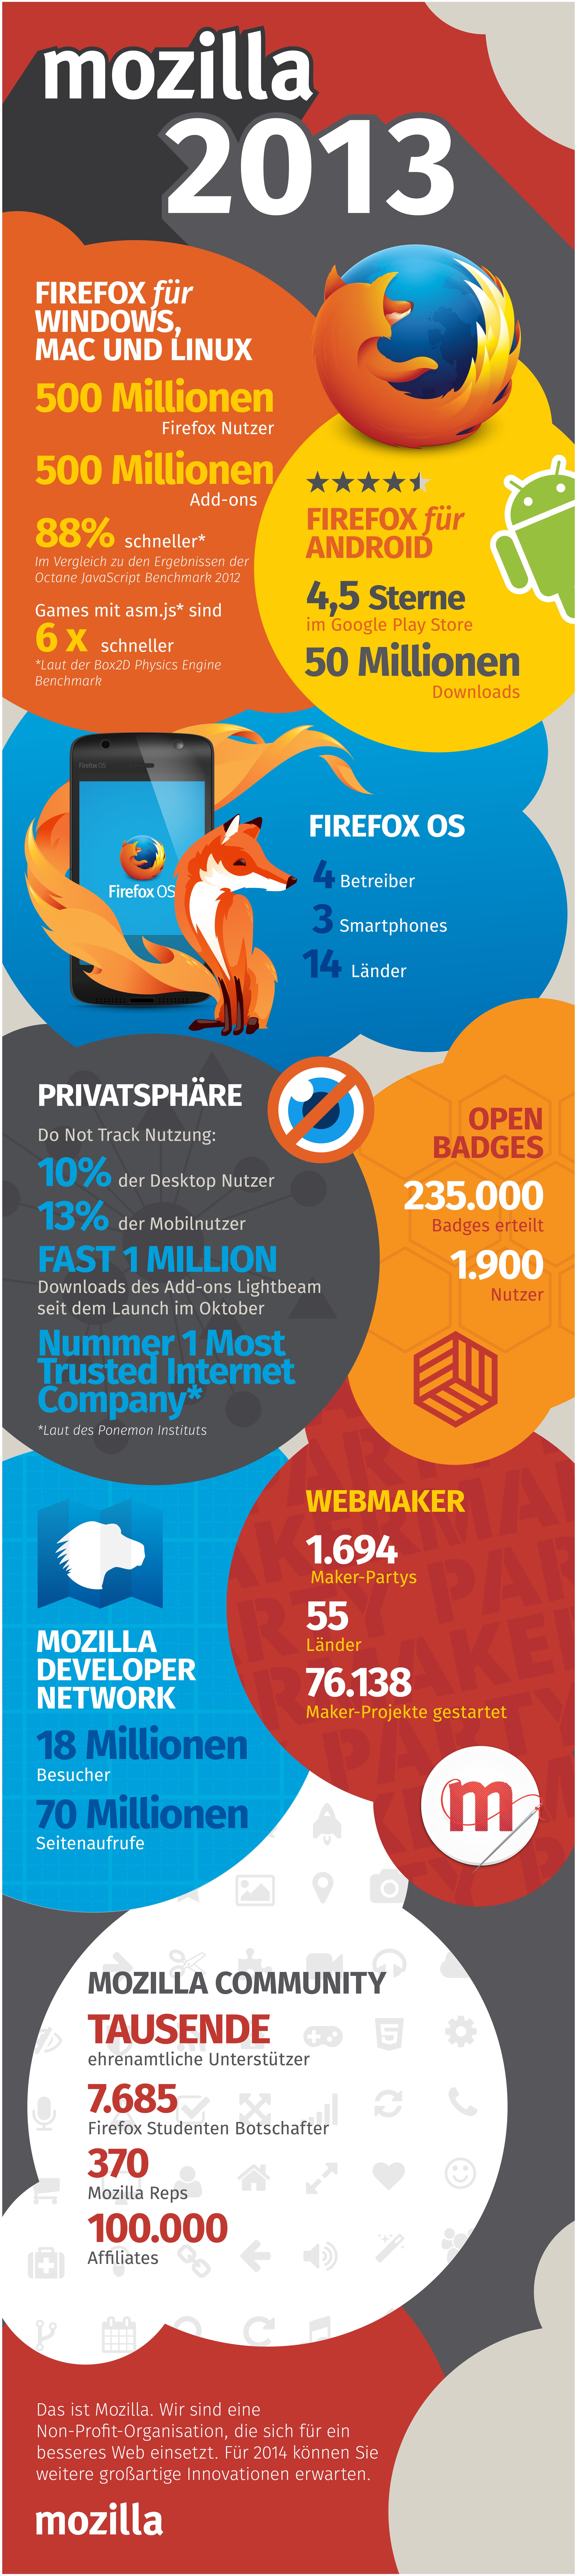 Mozilla im Jahr 2013